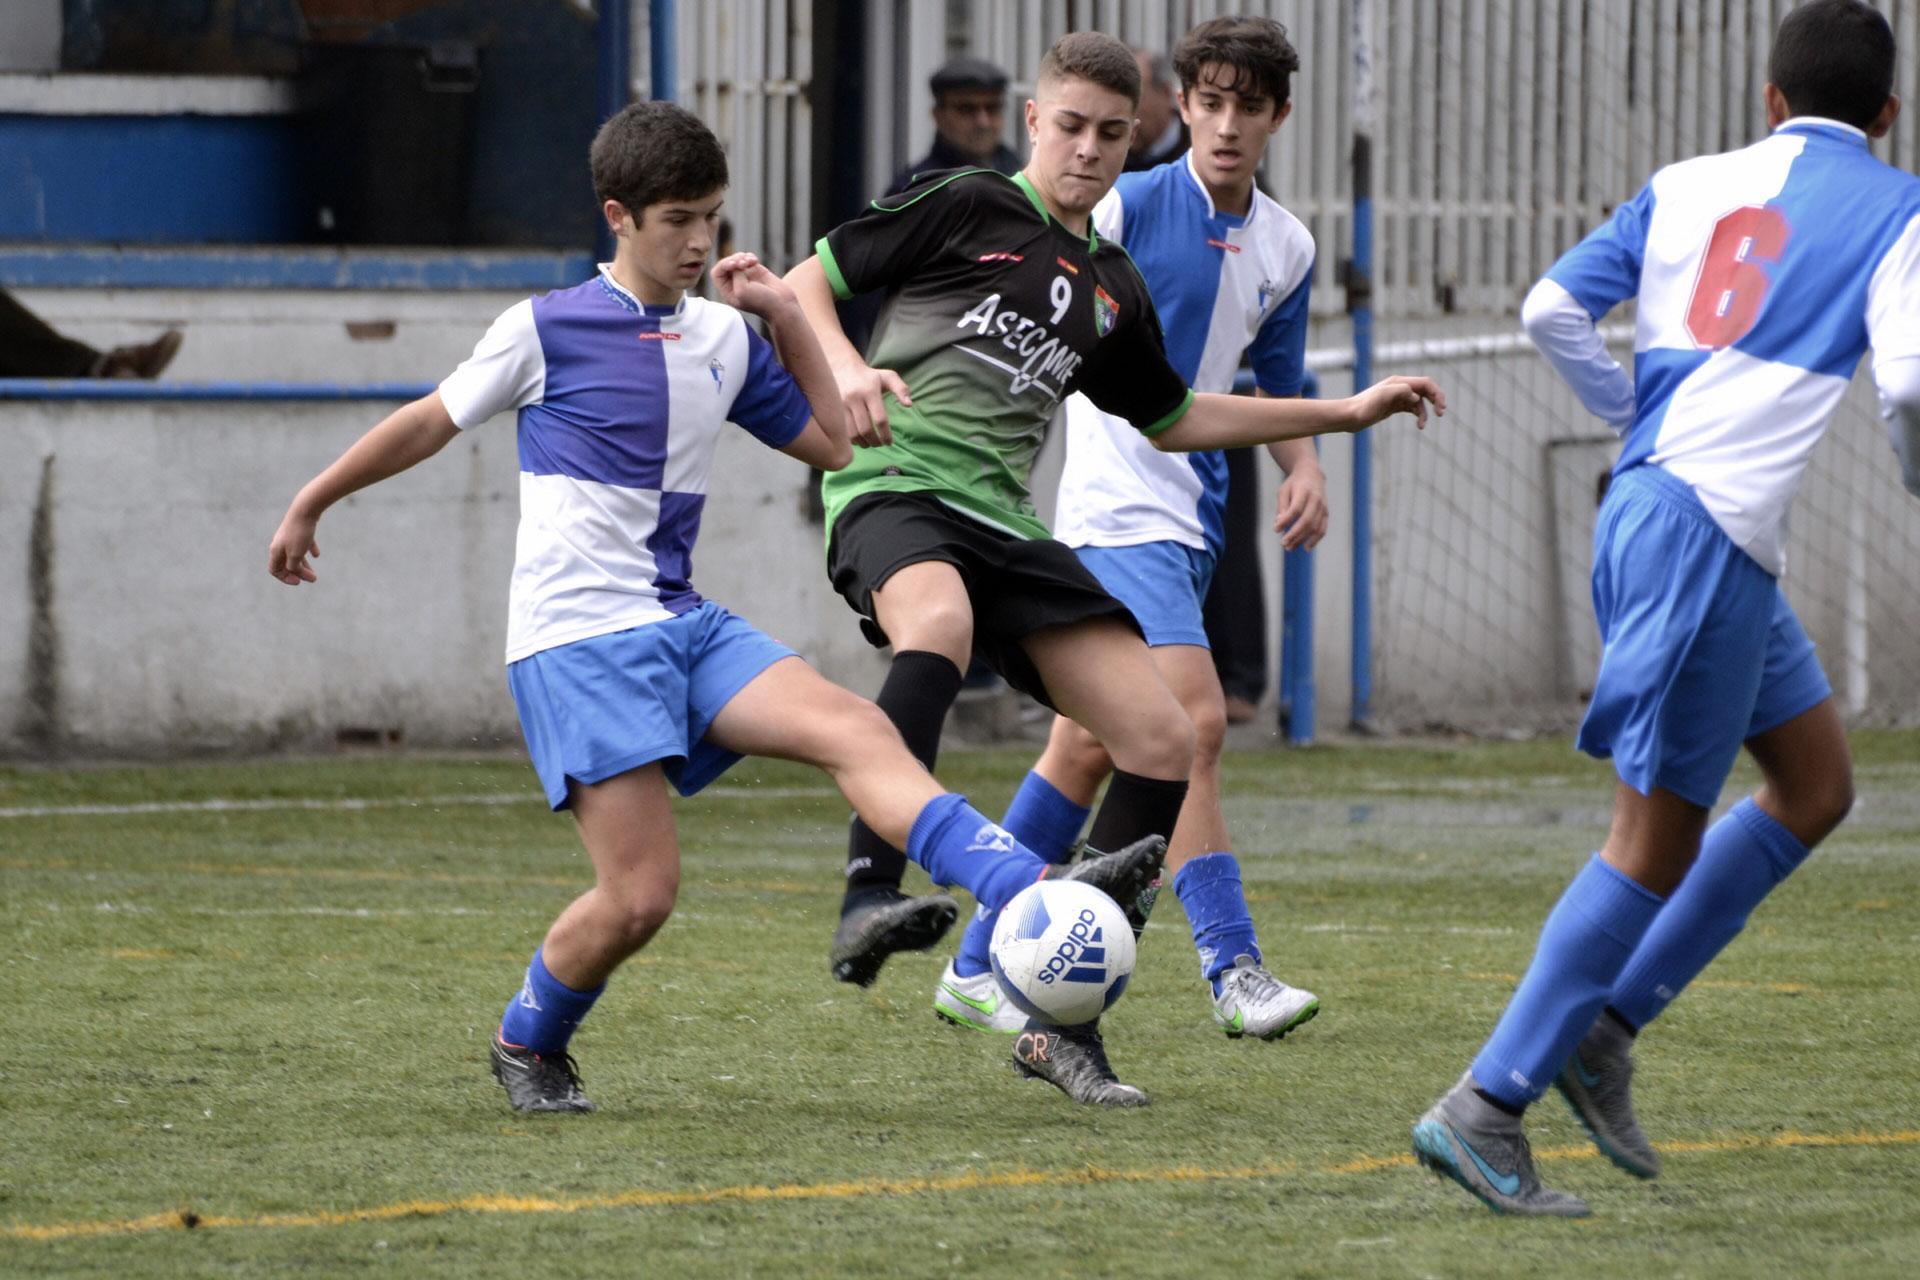 Crónica y fotos del partido de liga Aravaca C 3 – 1 EDM Cadete C